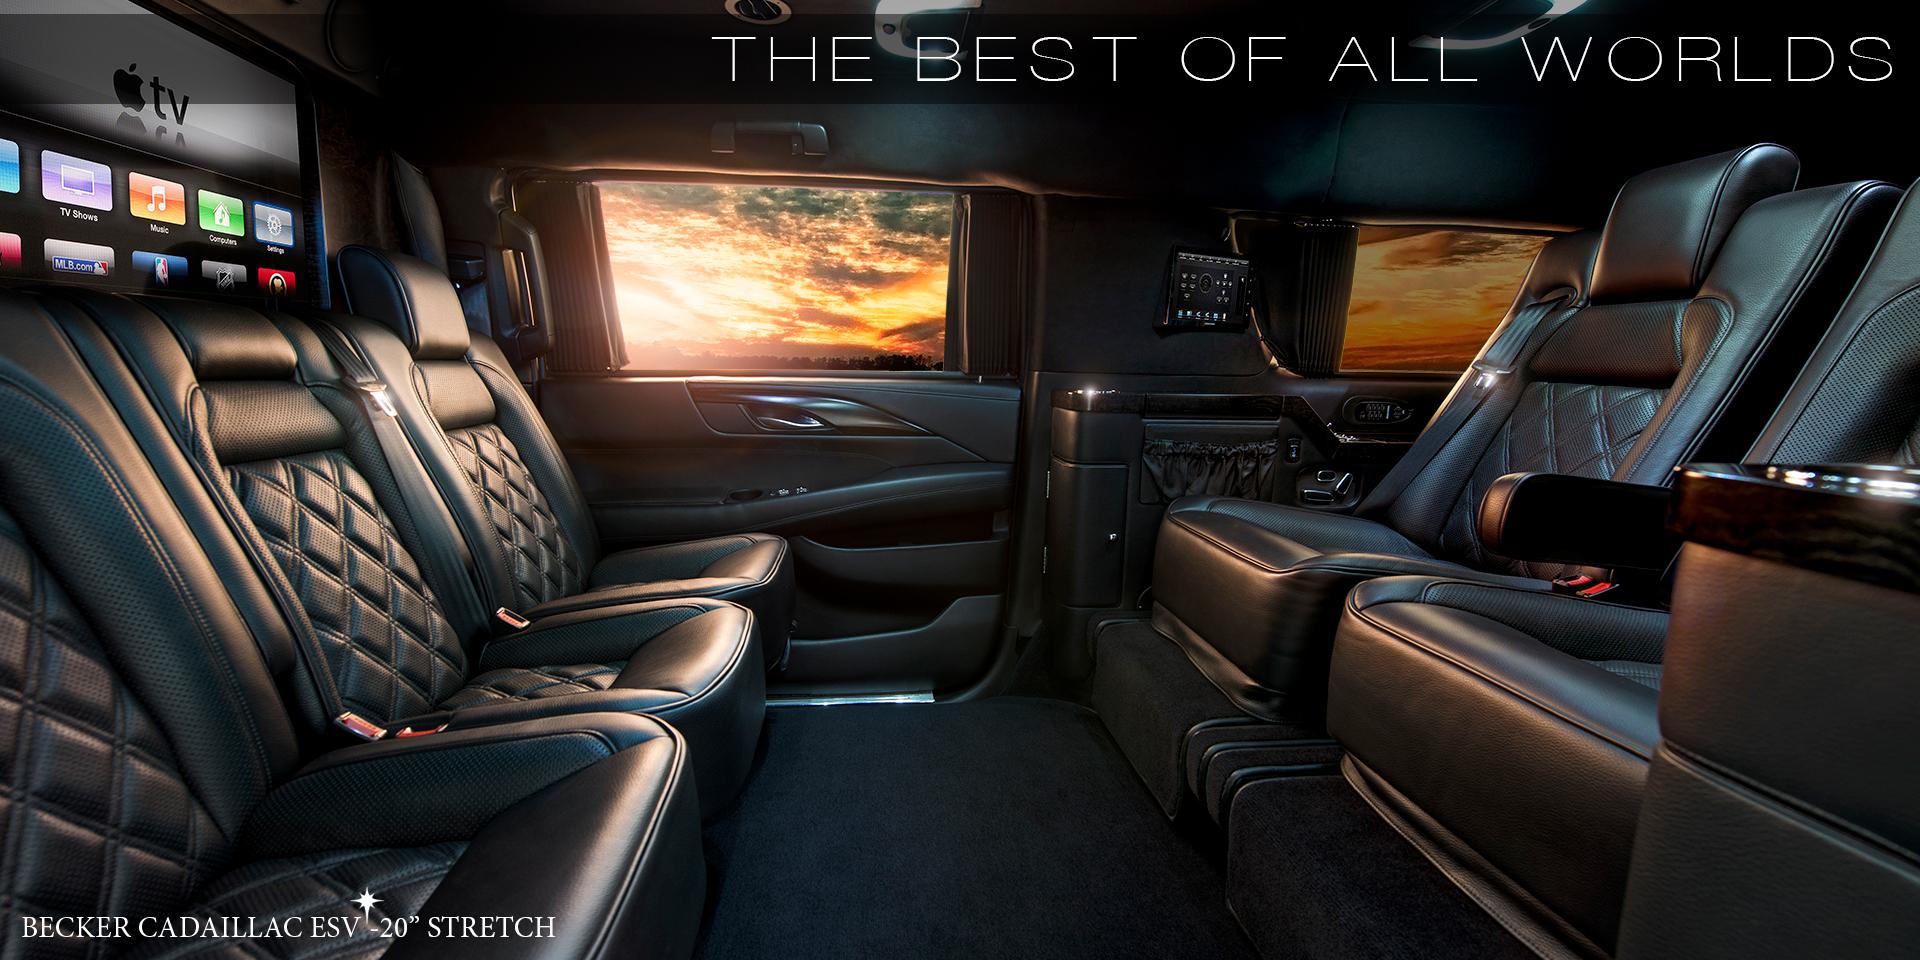 2015 cadillac escalade esv luxury coach conversaion car 2015 cadillac escalade esv interior